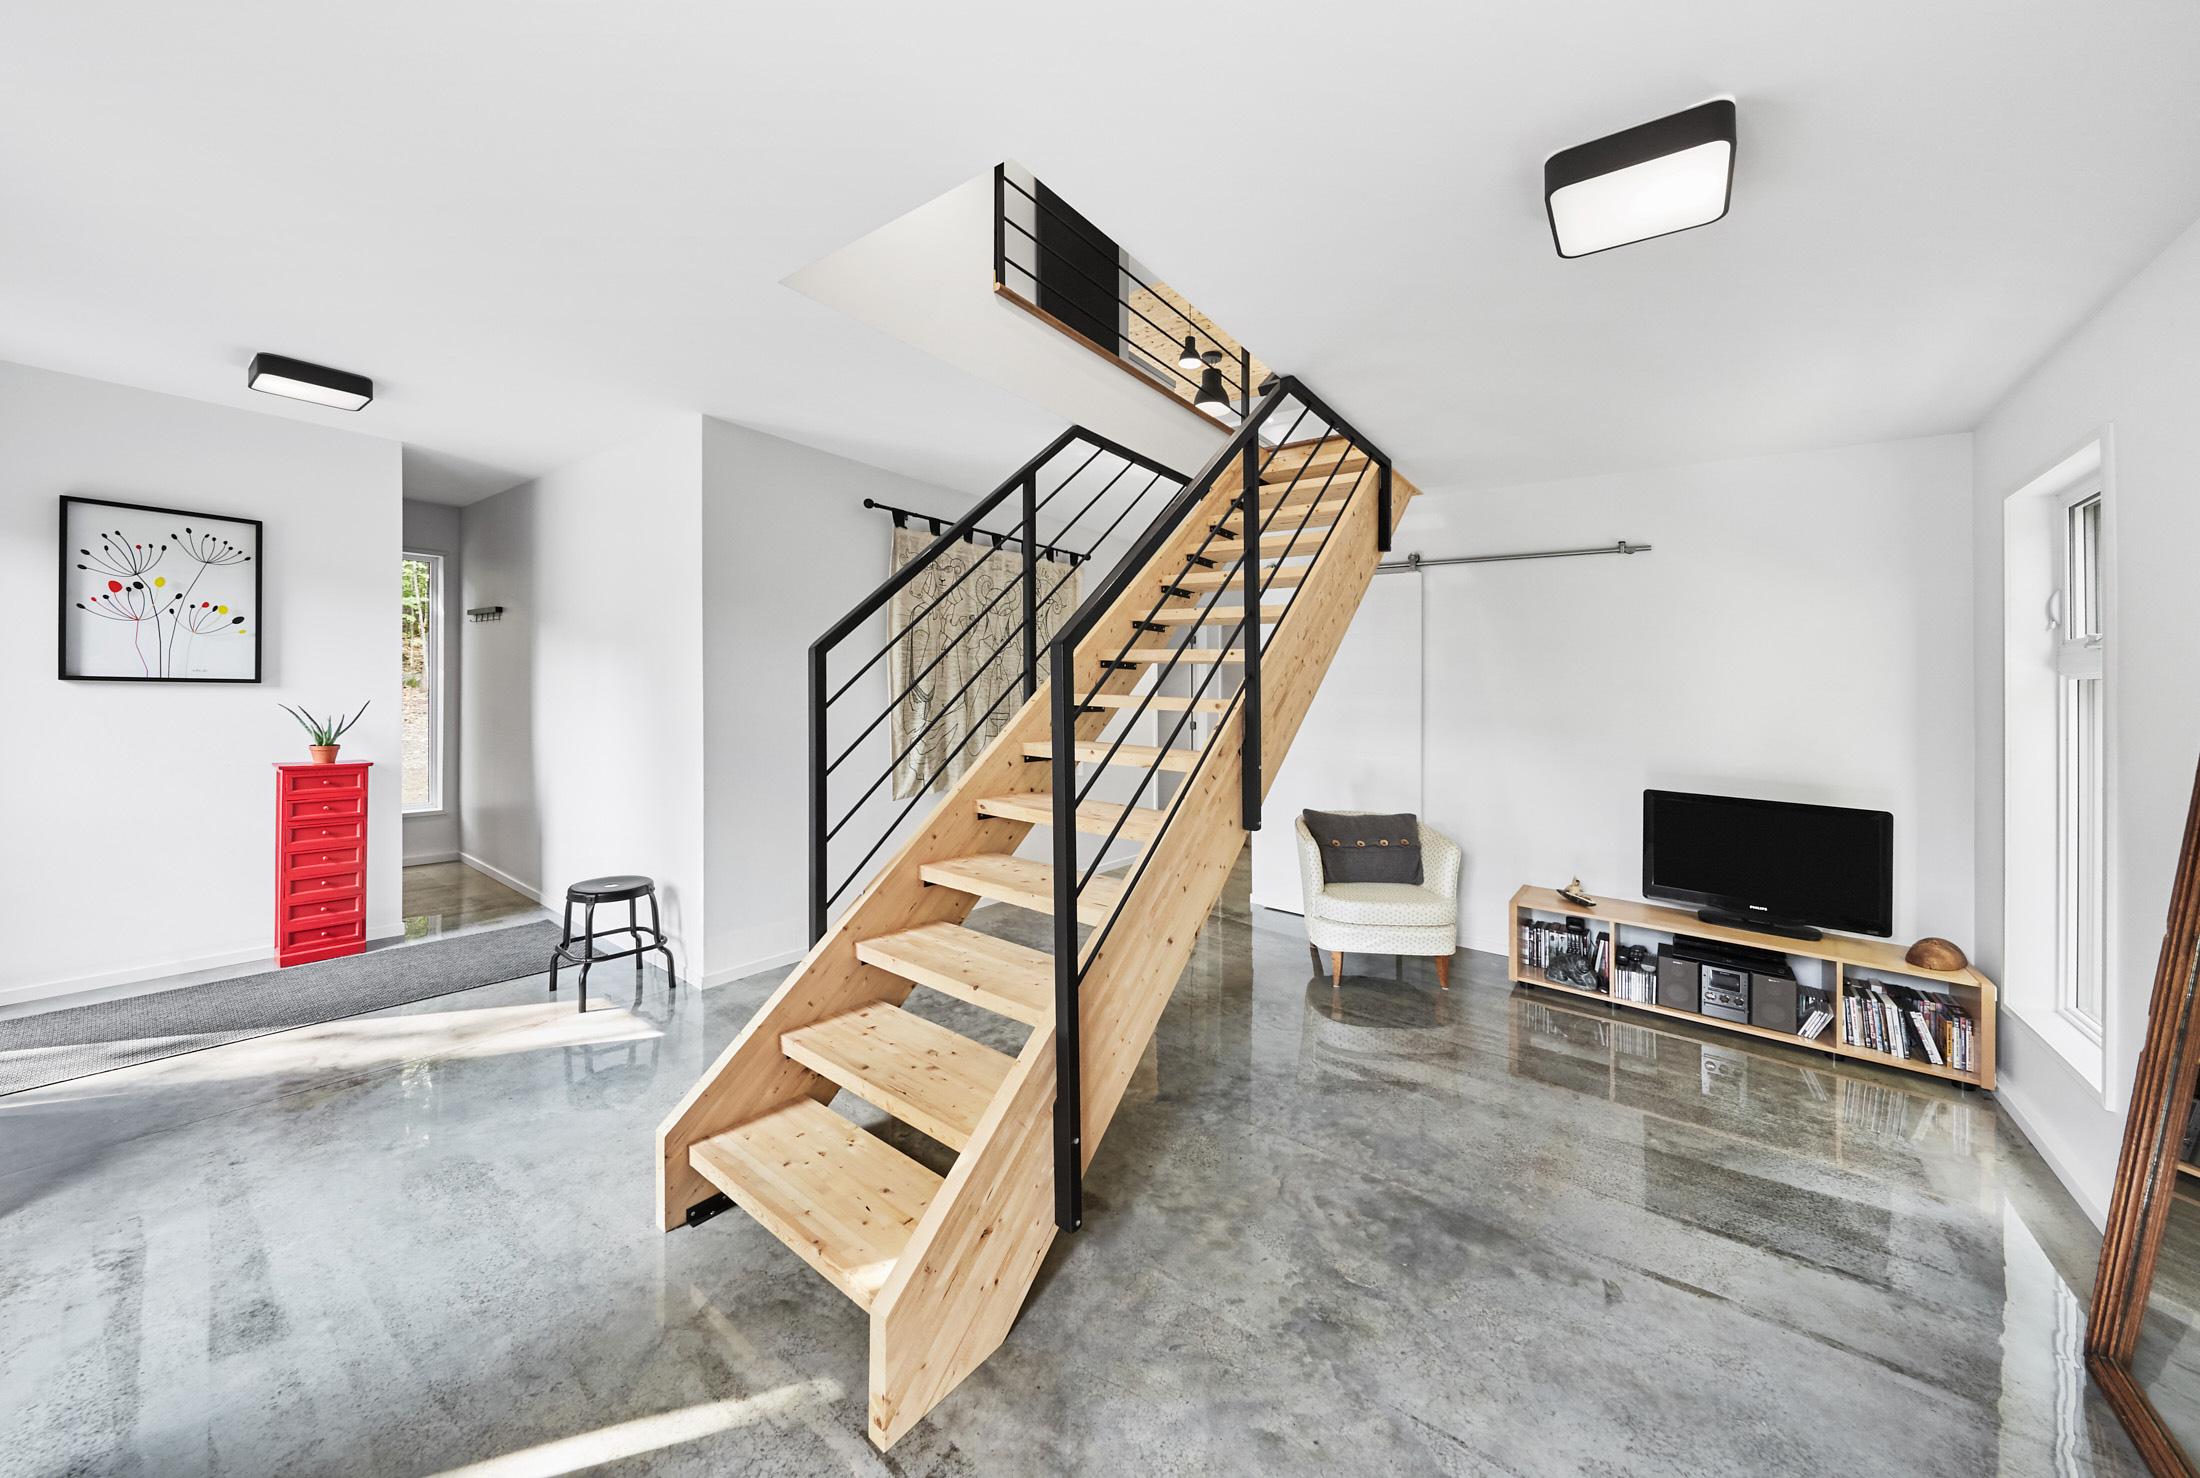 interieur maison plancher beton escalier bois